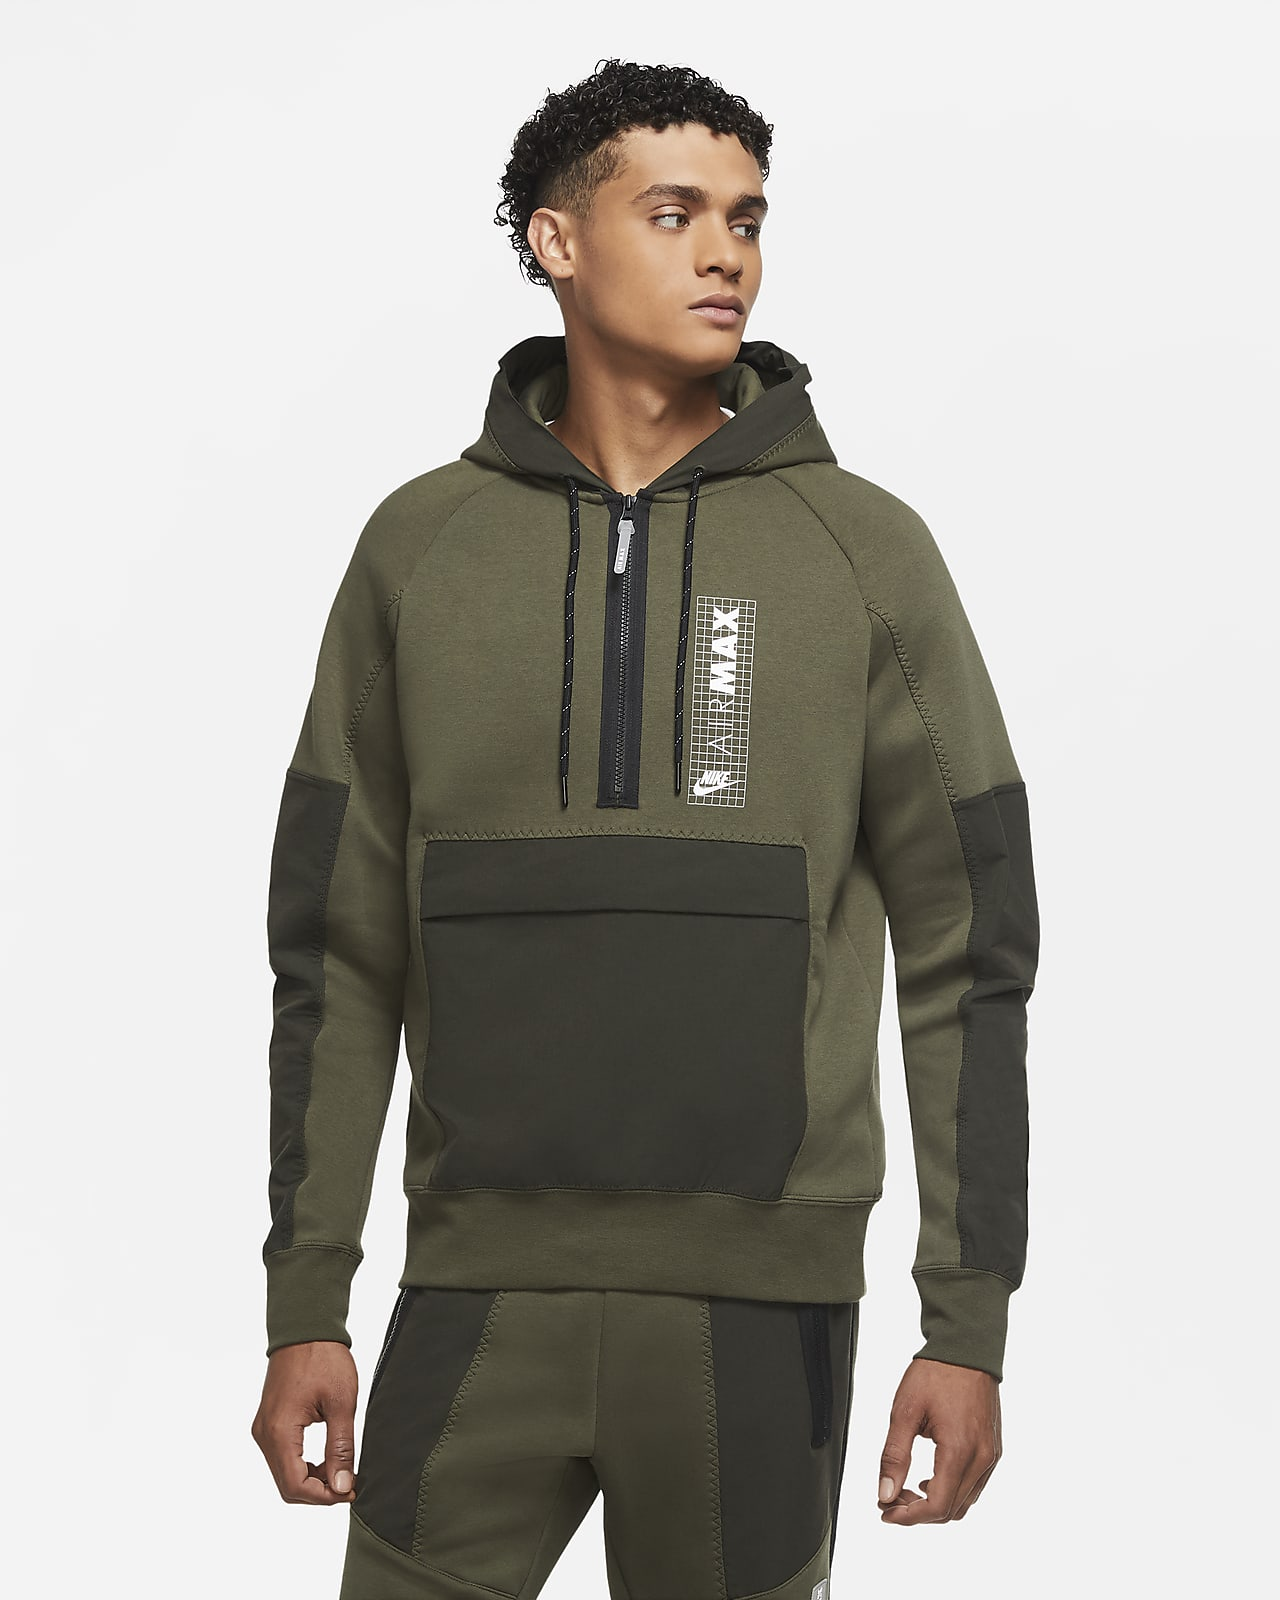 Nike Air Max Yarım Fermuarlı Fleece Erkek Üstü